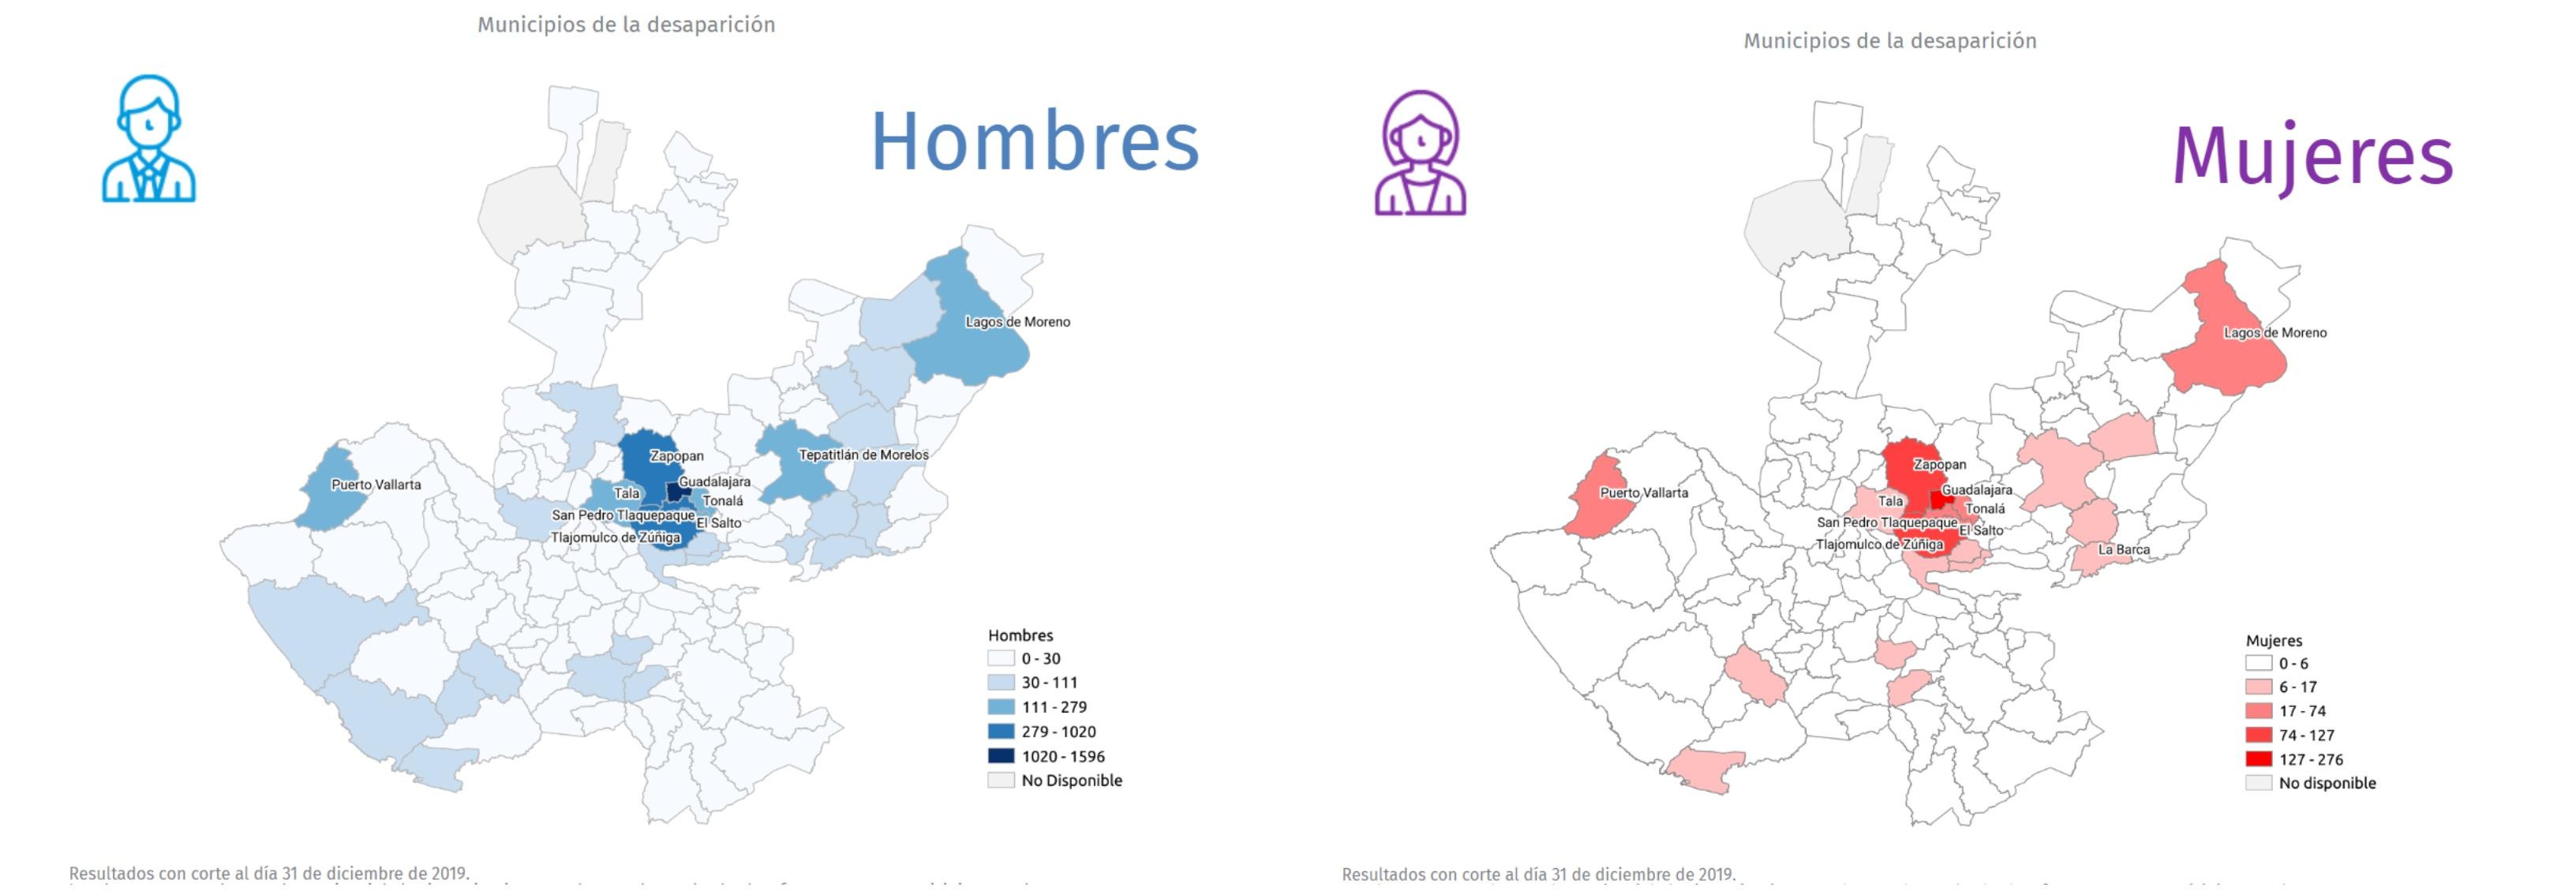 Mapas que muestran los municipios con mayor número de desaparecidos en Jalisco (Foto: sisovid.jalisco.gob)